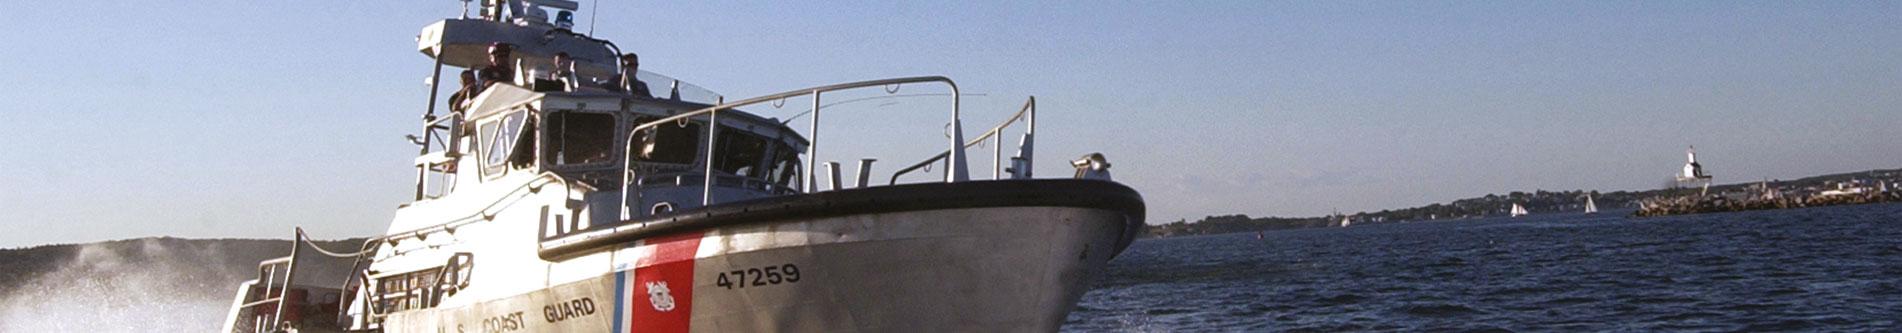 US Coast Guard équipé de joint mécanique PSS